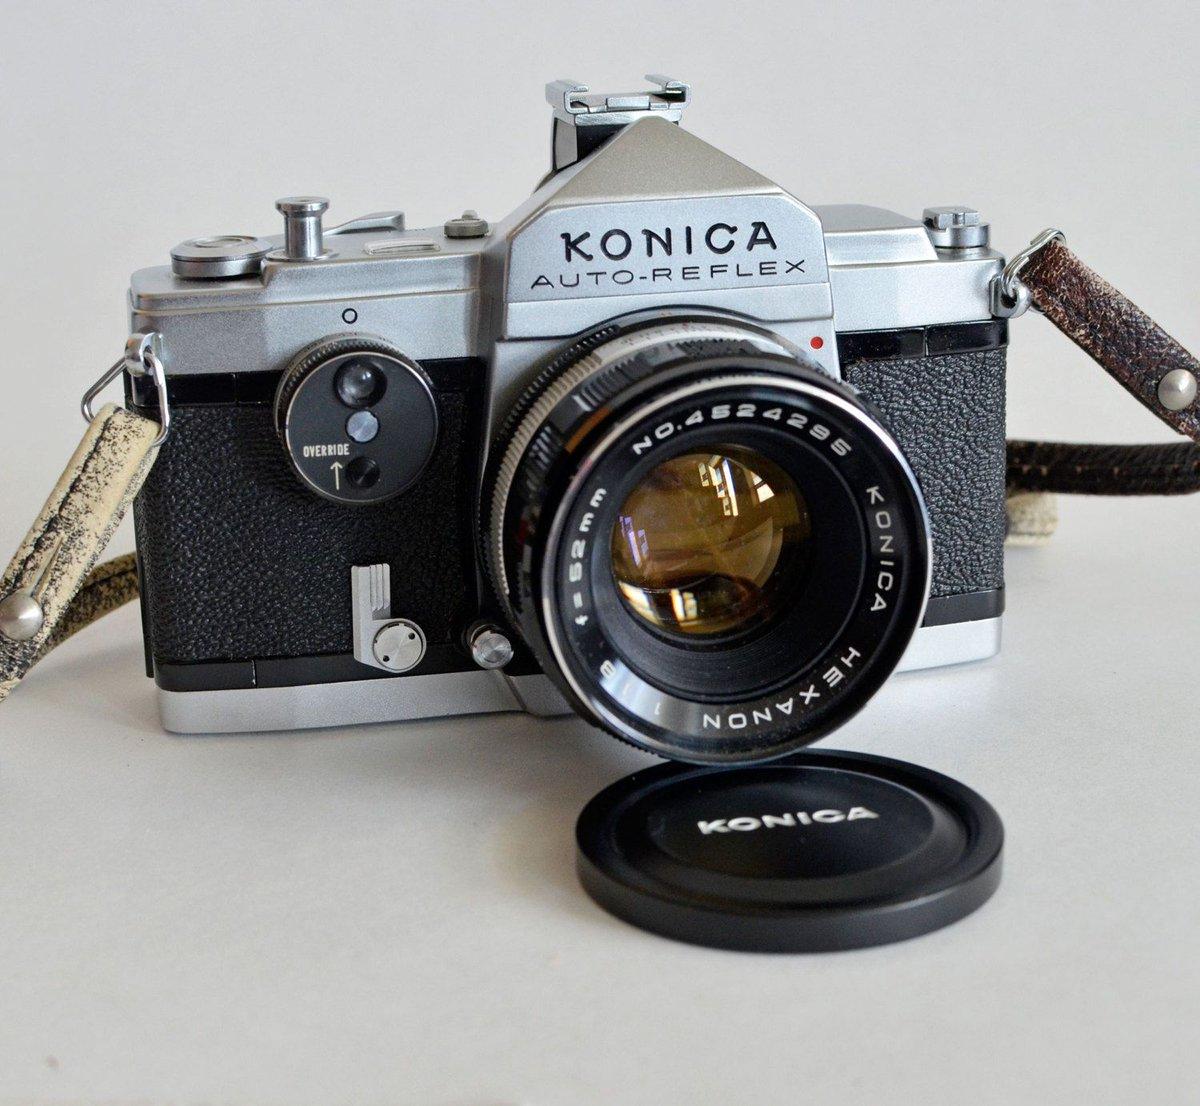 серединка поигрывает пленочный фотоаппарат для начинающего привычный для всех